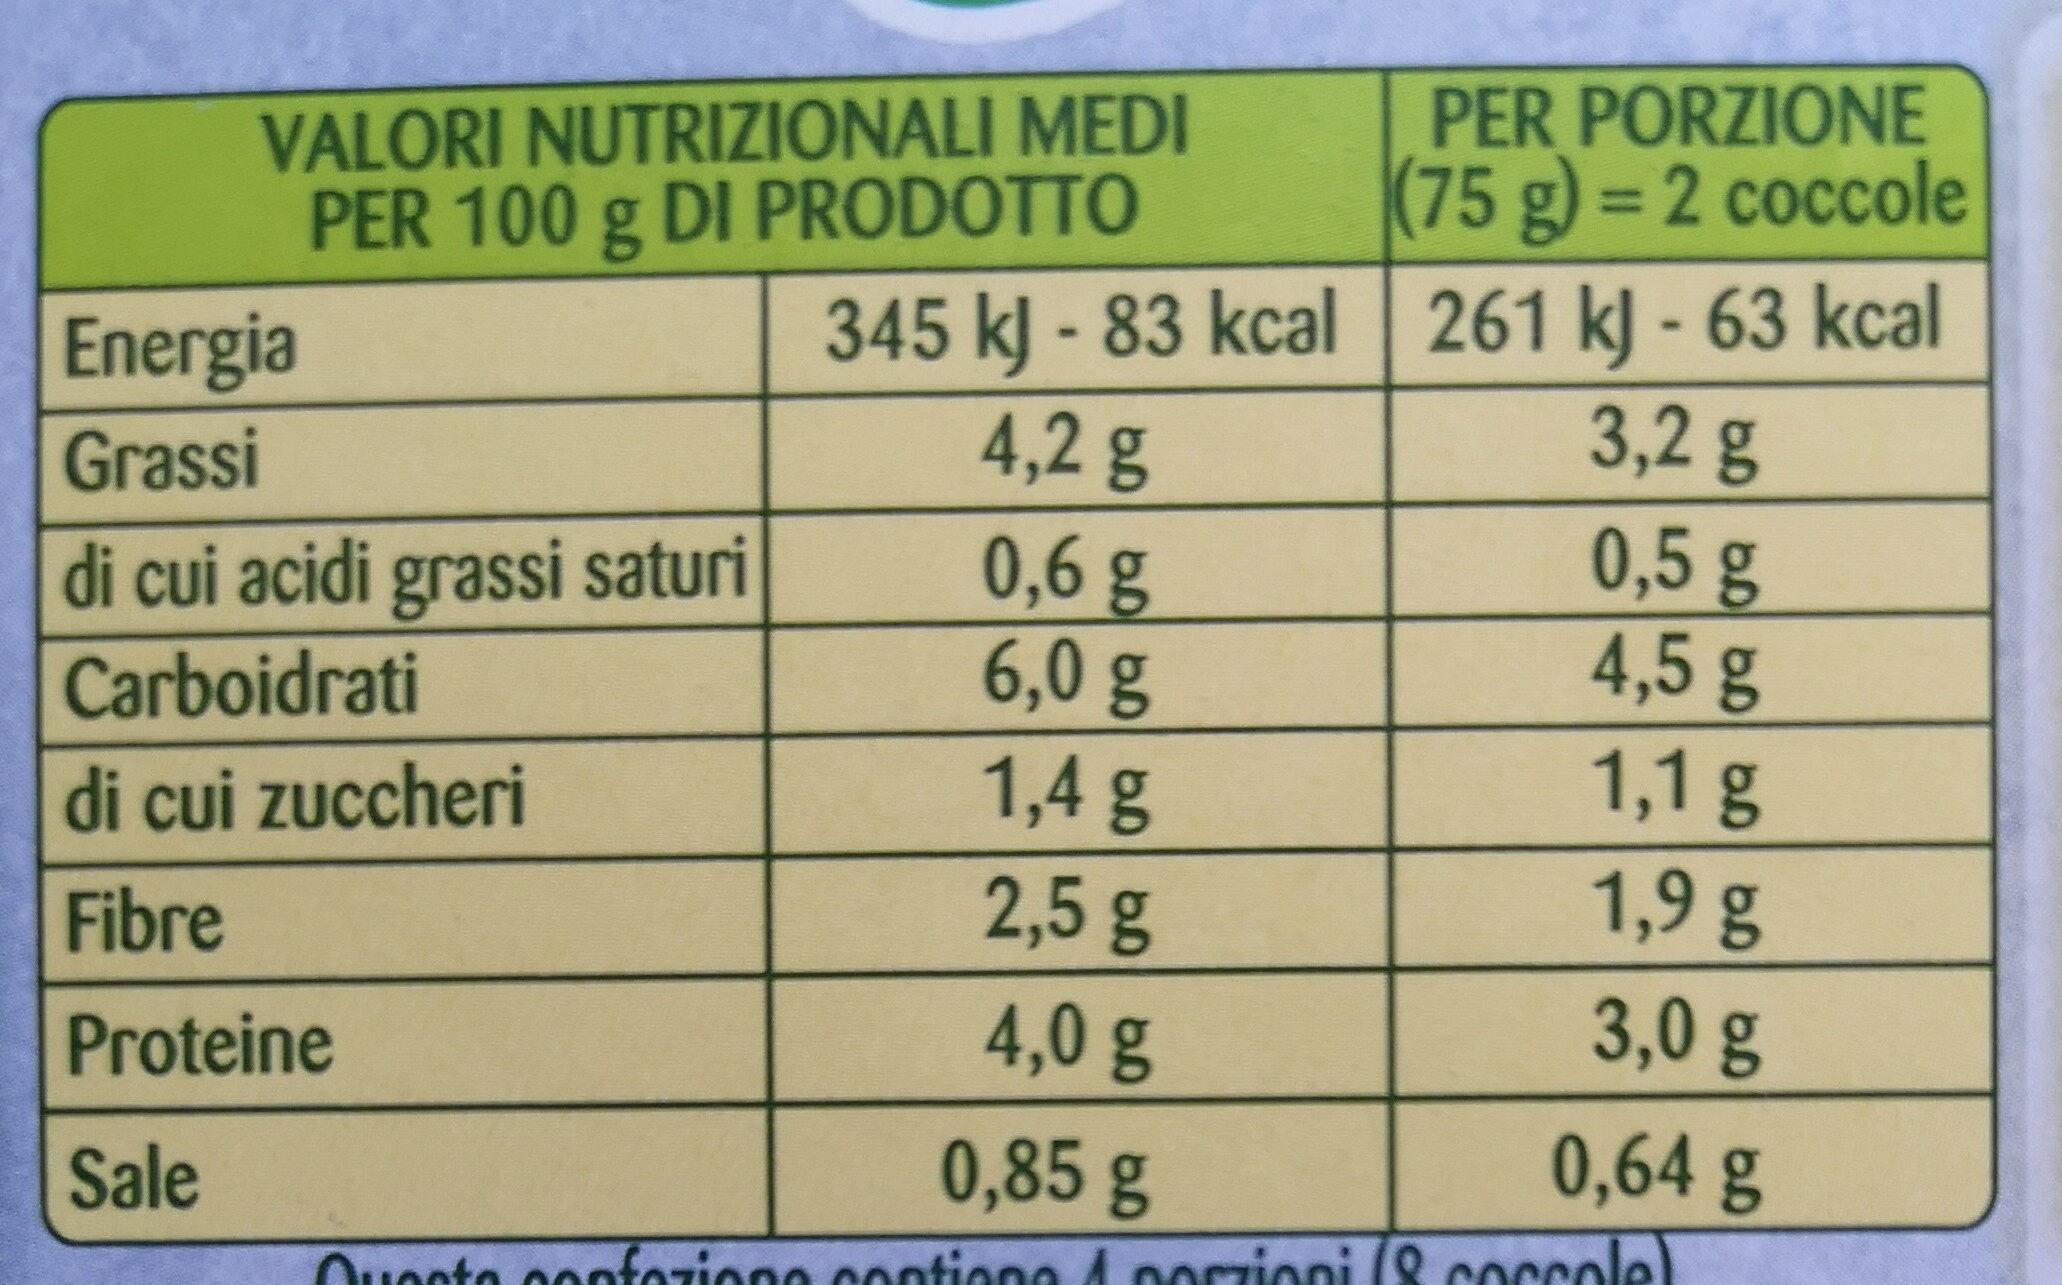 Coccole Tortini Spinaci Fagiolini Broccoli - Nutrition facts - it